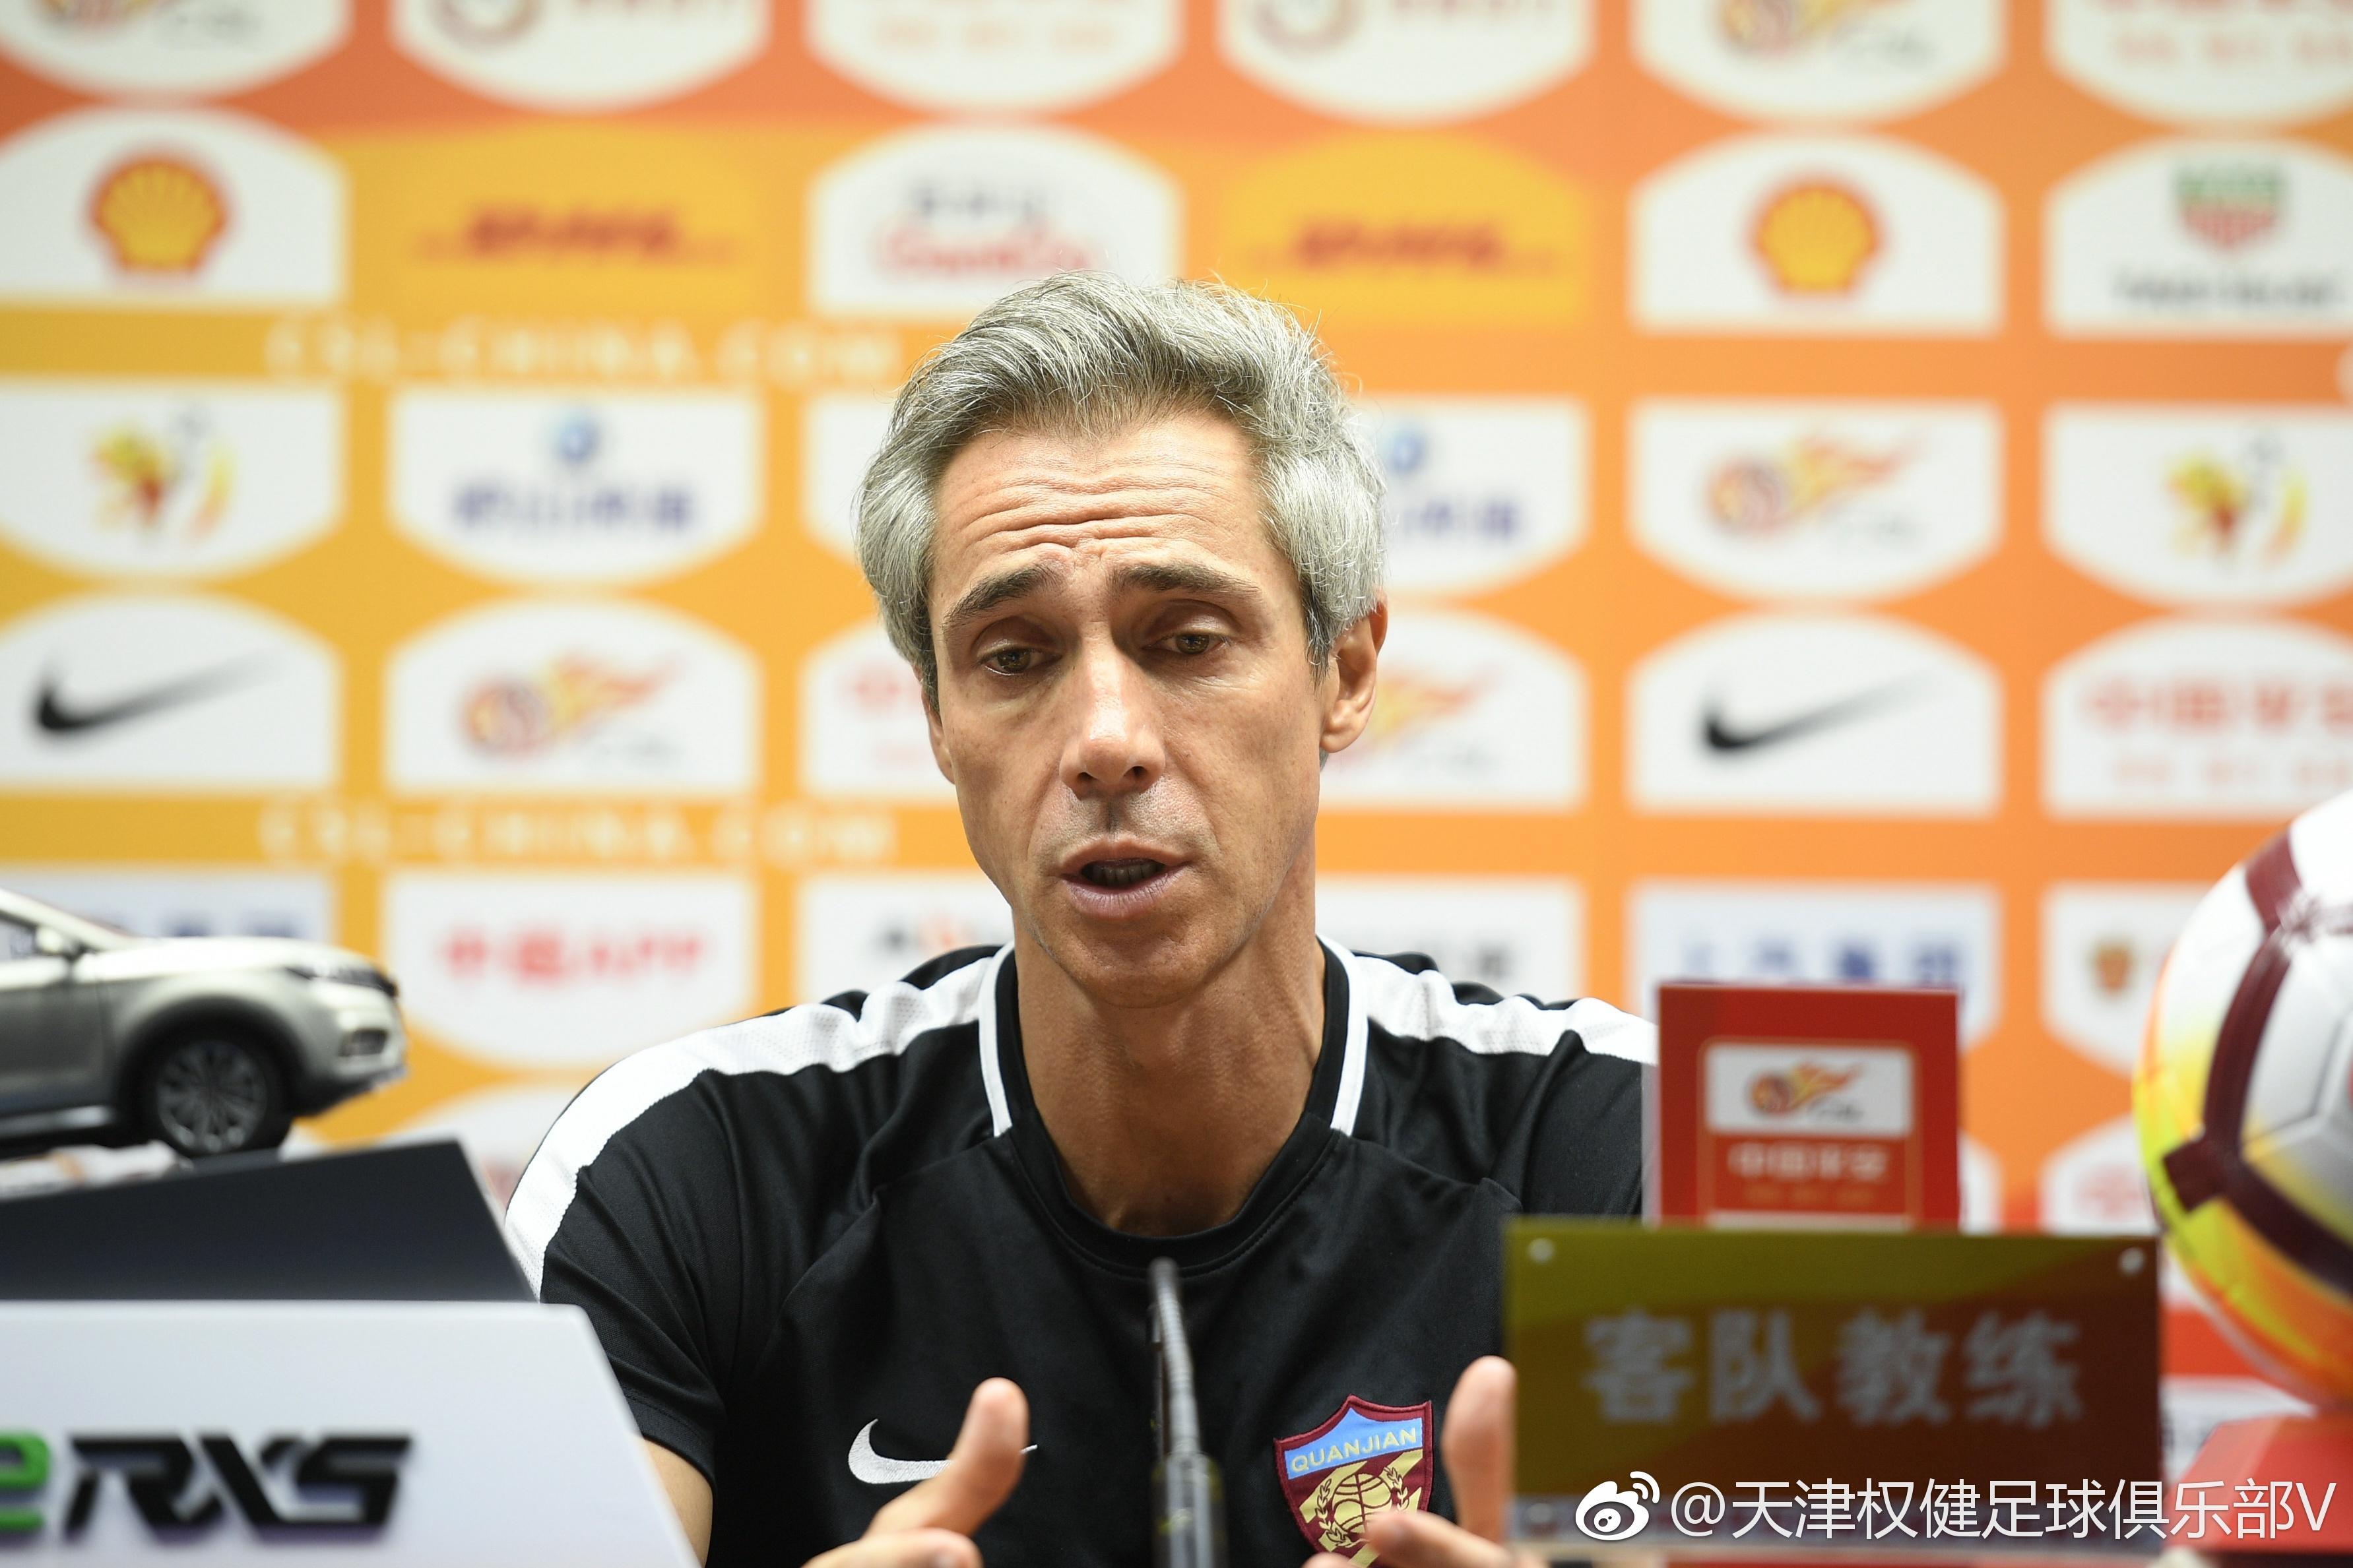 索萨:恒大实力远超其他中超队,盼带着理想分数回天津